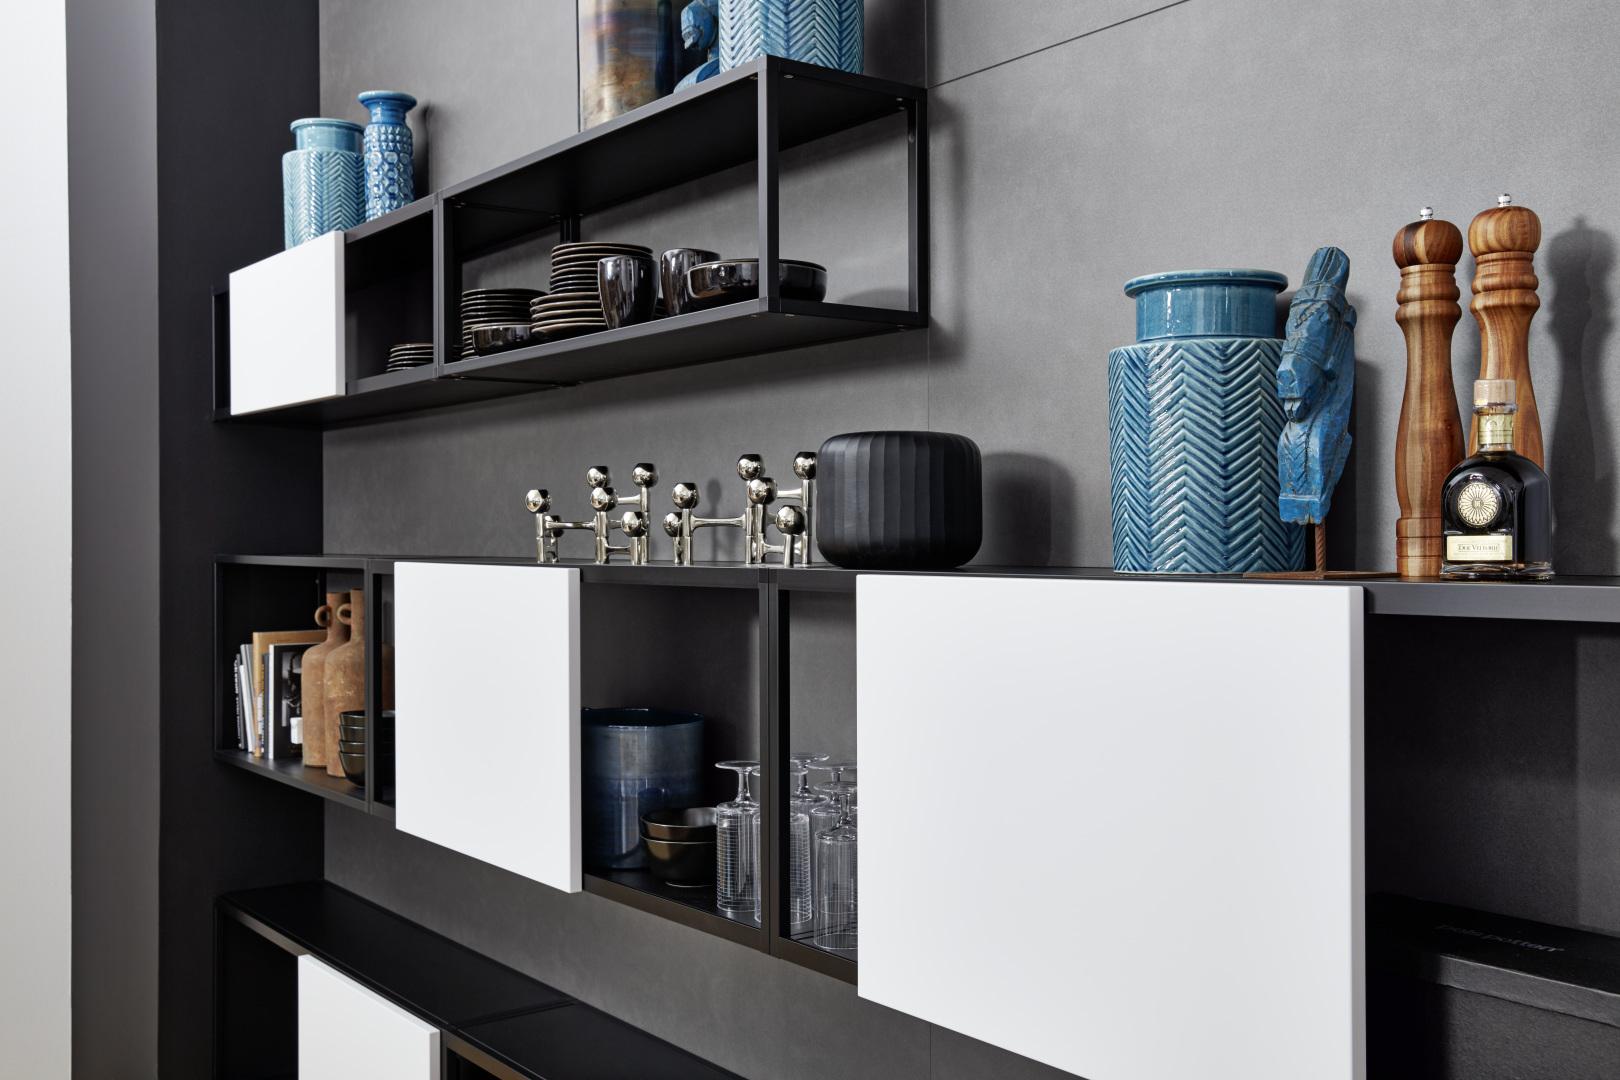 Décoration étagère pour intérieur ultra chic et moderne annecy 74